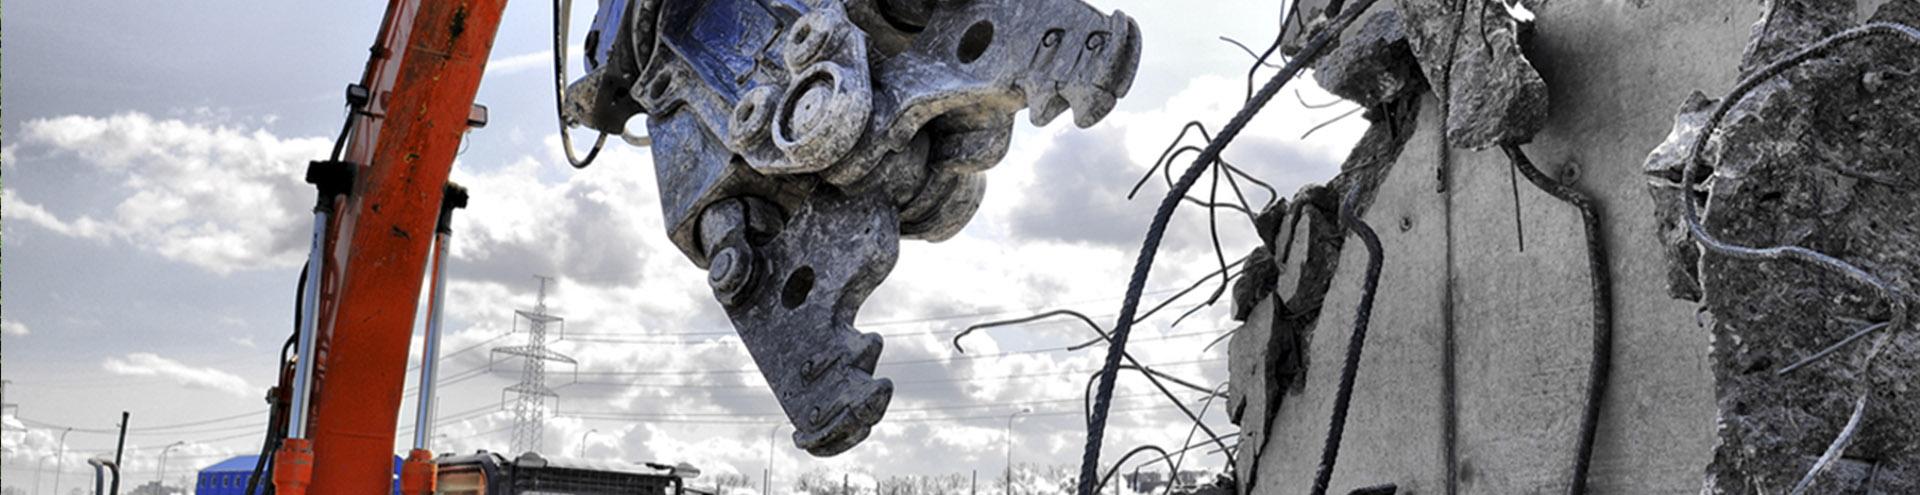 право на самовольную постройку в Саратове